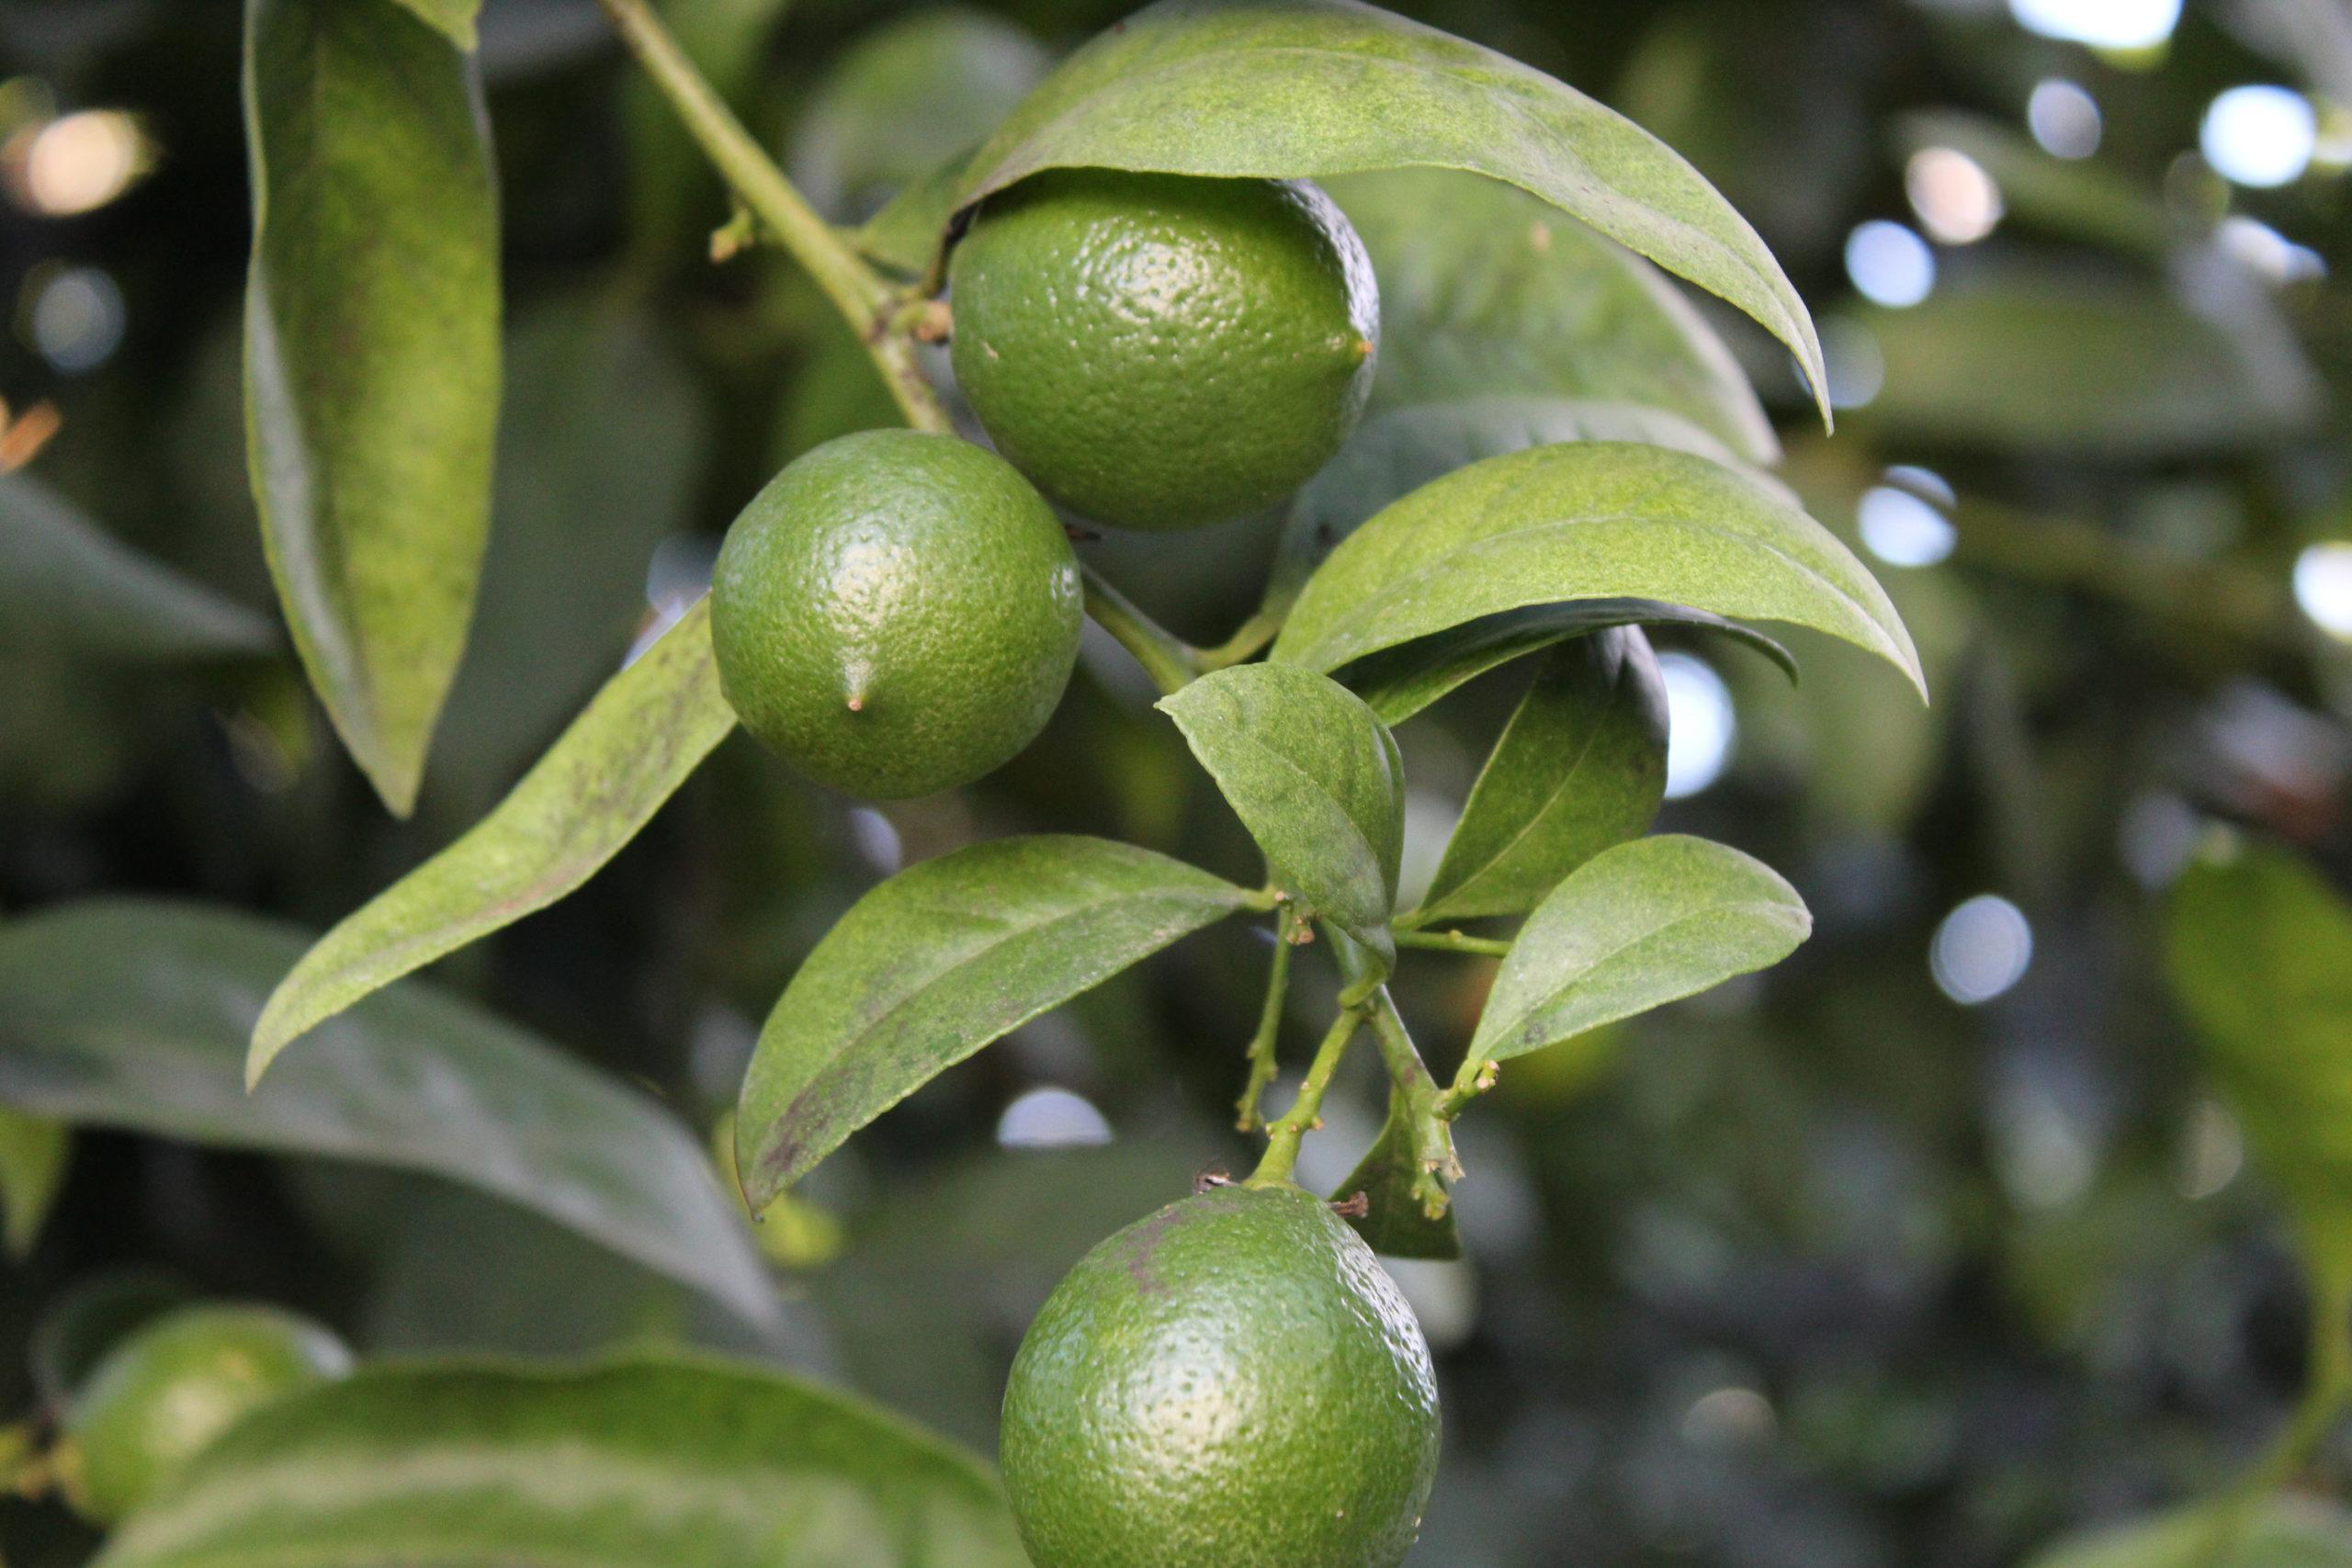 limonka na drzewie